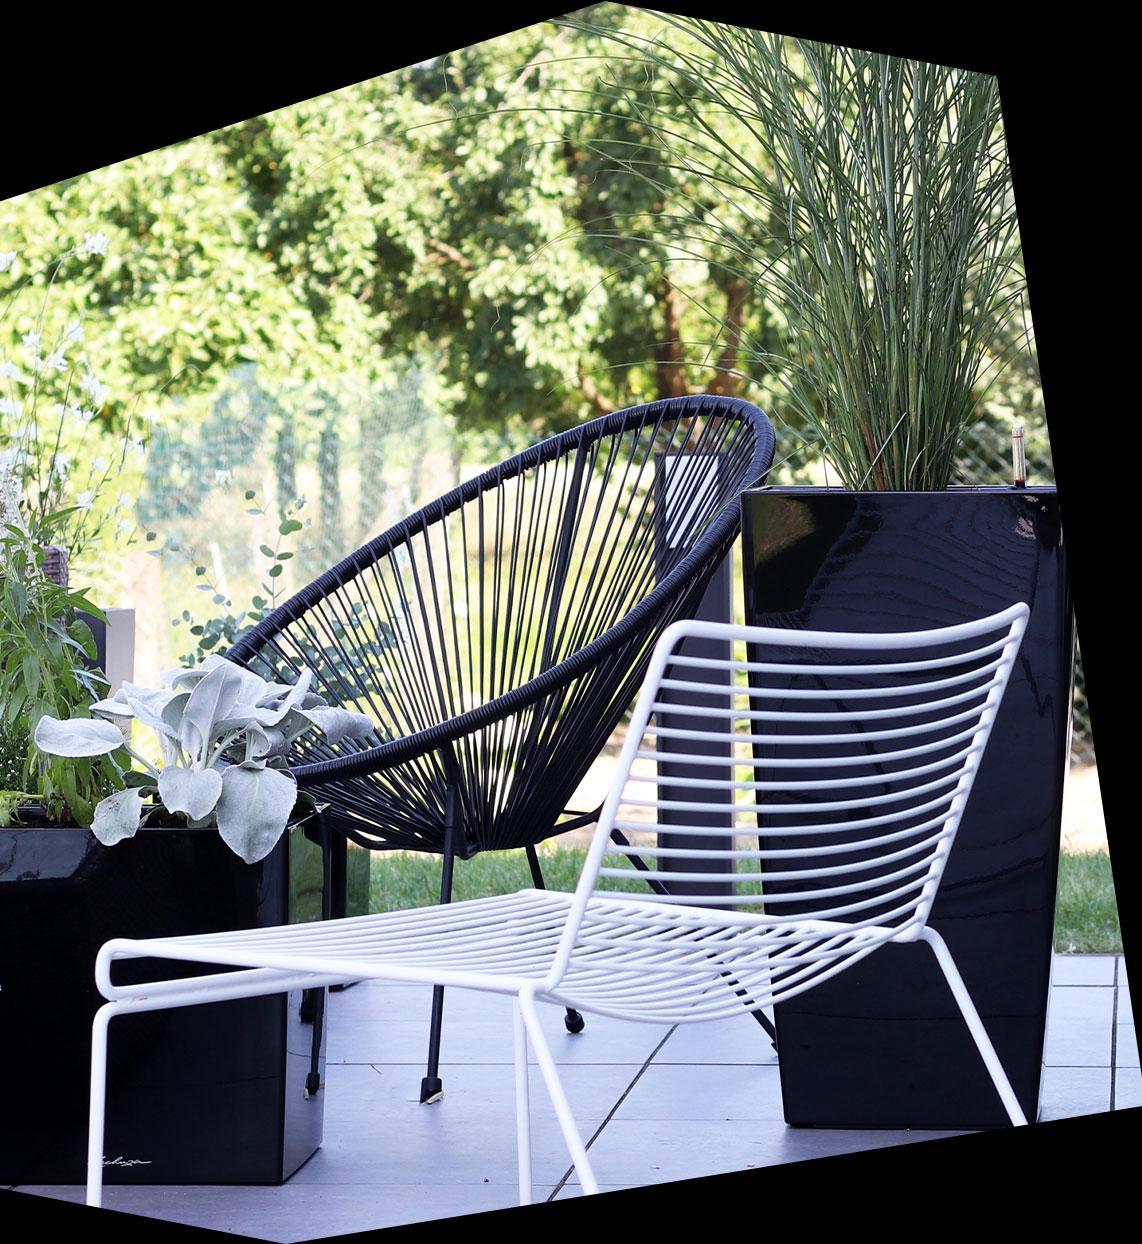 Fioriera nera lucida CUBICO e CUBE su una terrazza con mobili bianchi e neri in acciaio tubolare